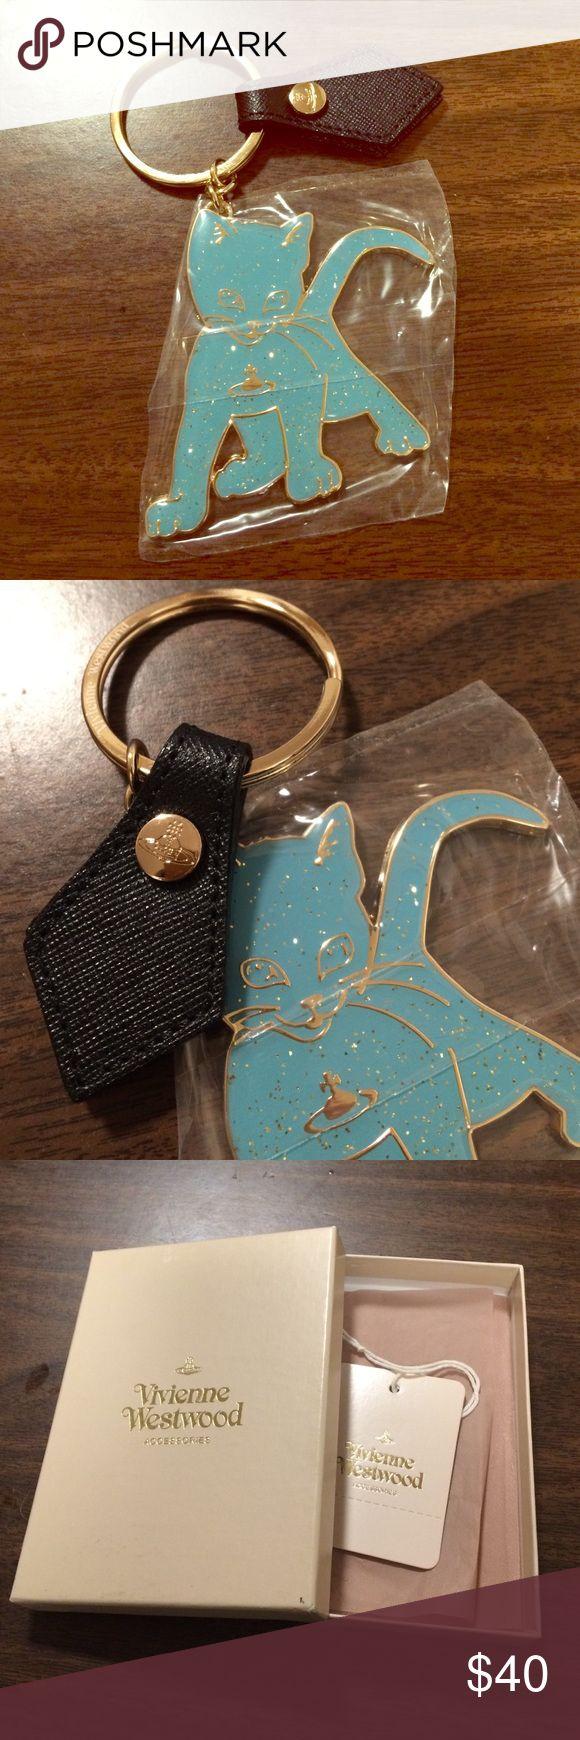 Vivienne Westwood keyring Kitten keyring(blue). It's NEW!!! Vivienne Westwood Accessories Key & Card Holders